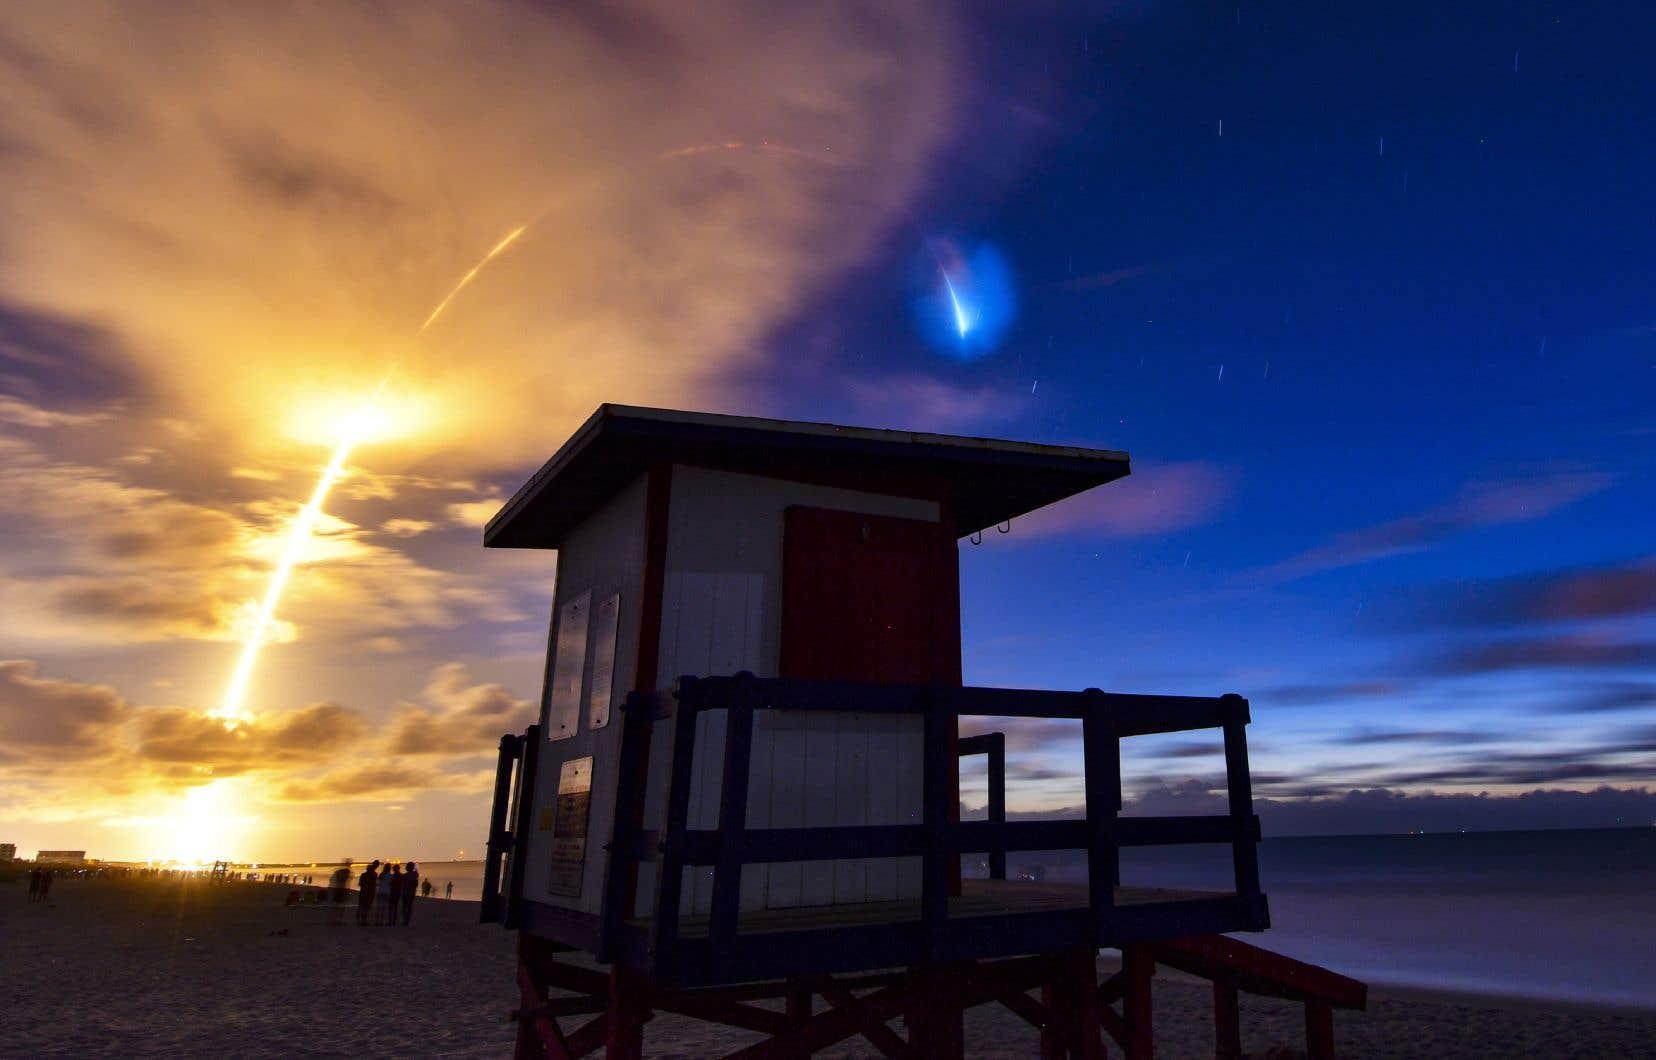 Lancement d'un neuvième lot de satellites de communication Starlink par SpaceX, le samedi 13 juin dernier.